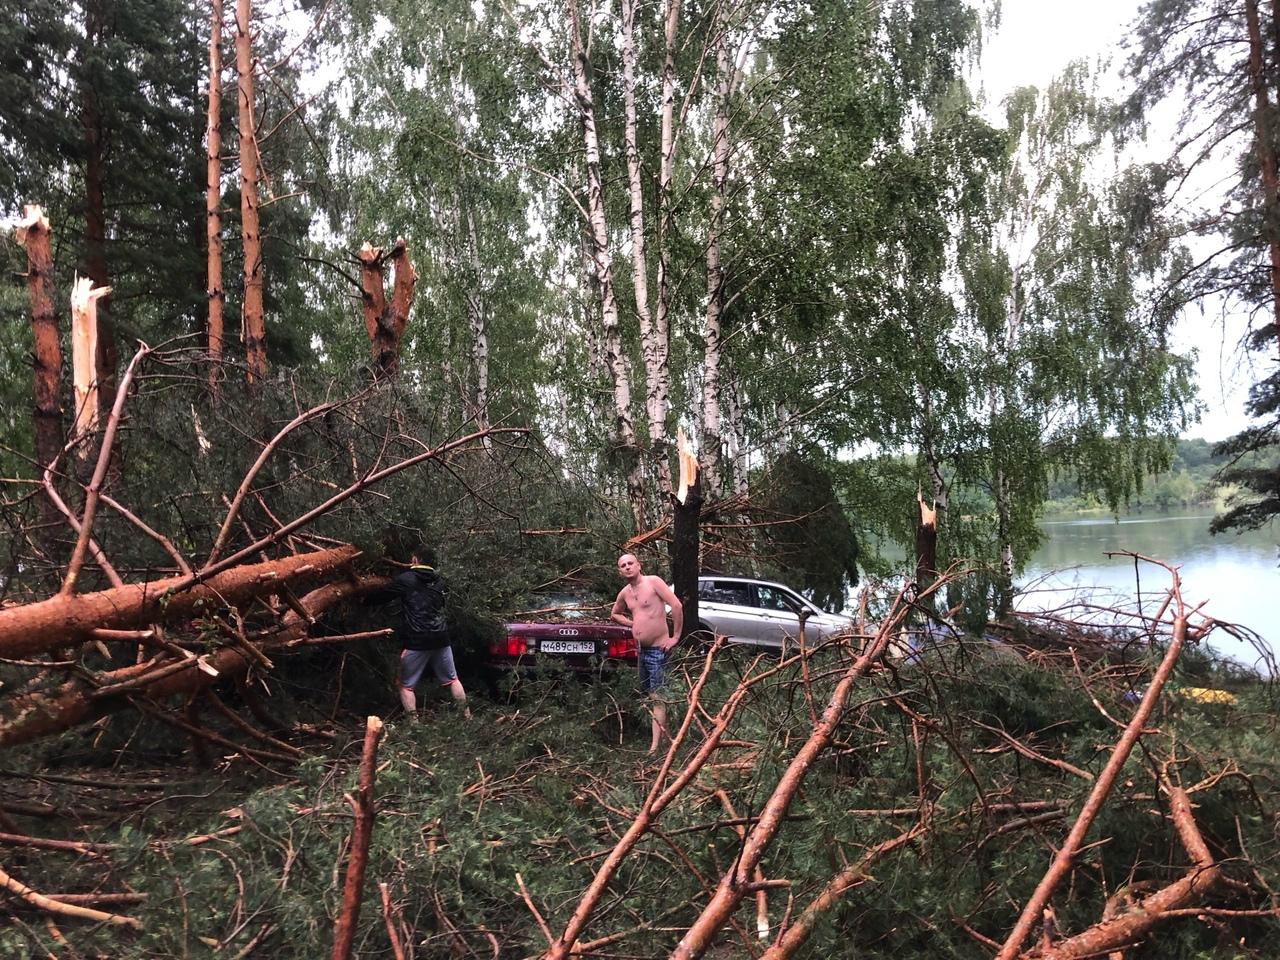 буря повалила деревья на машины в Богородском районе 27 июня